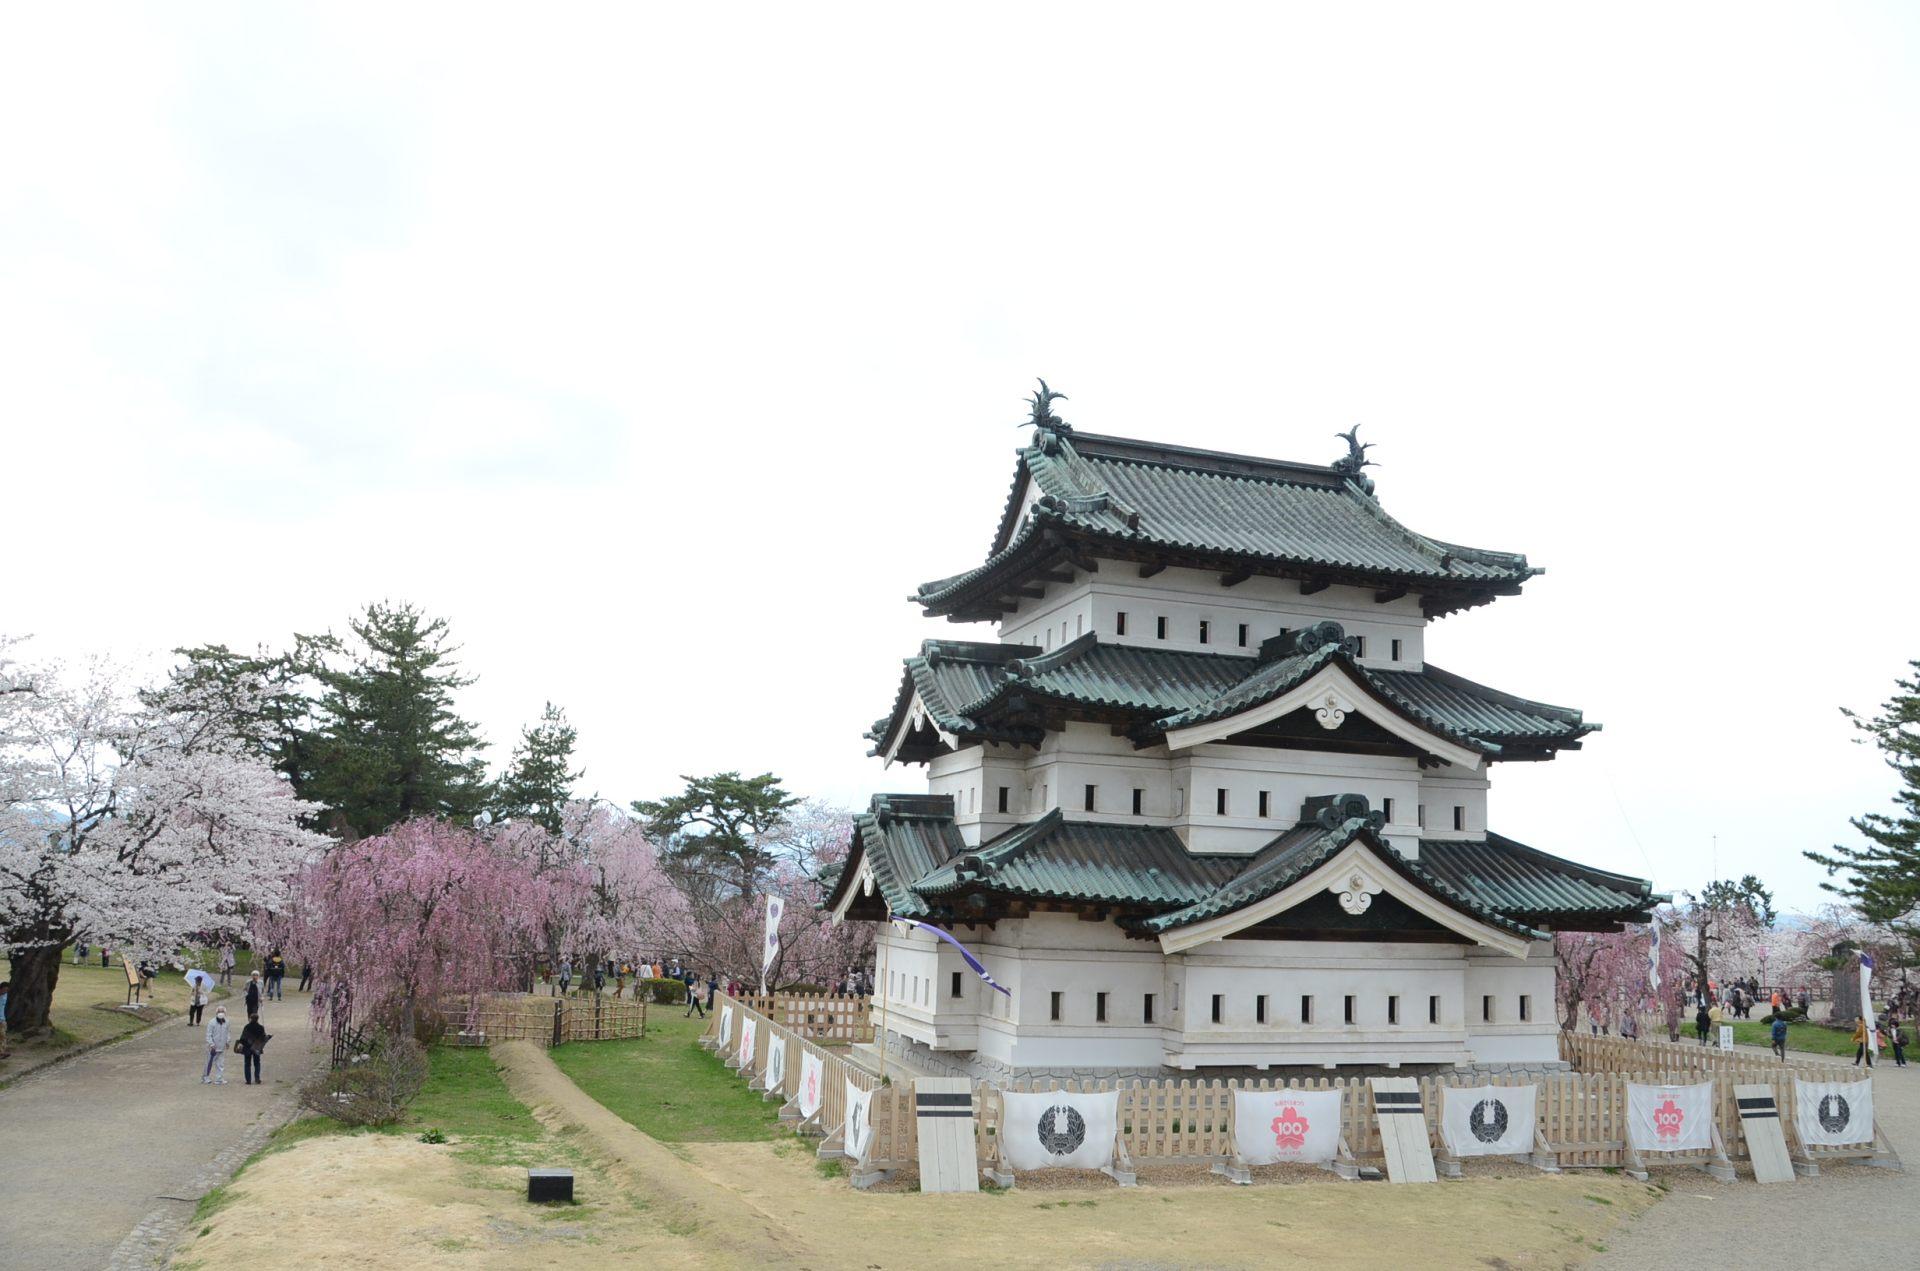 留有當時江戶時代再建風貌的弘前城